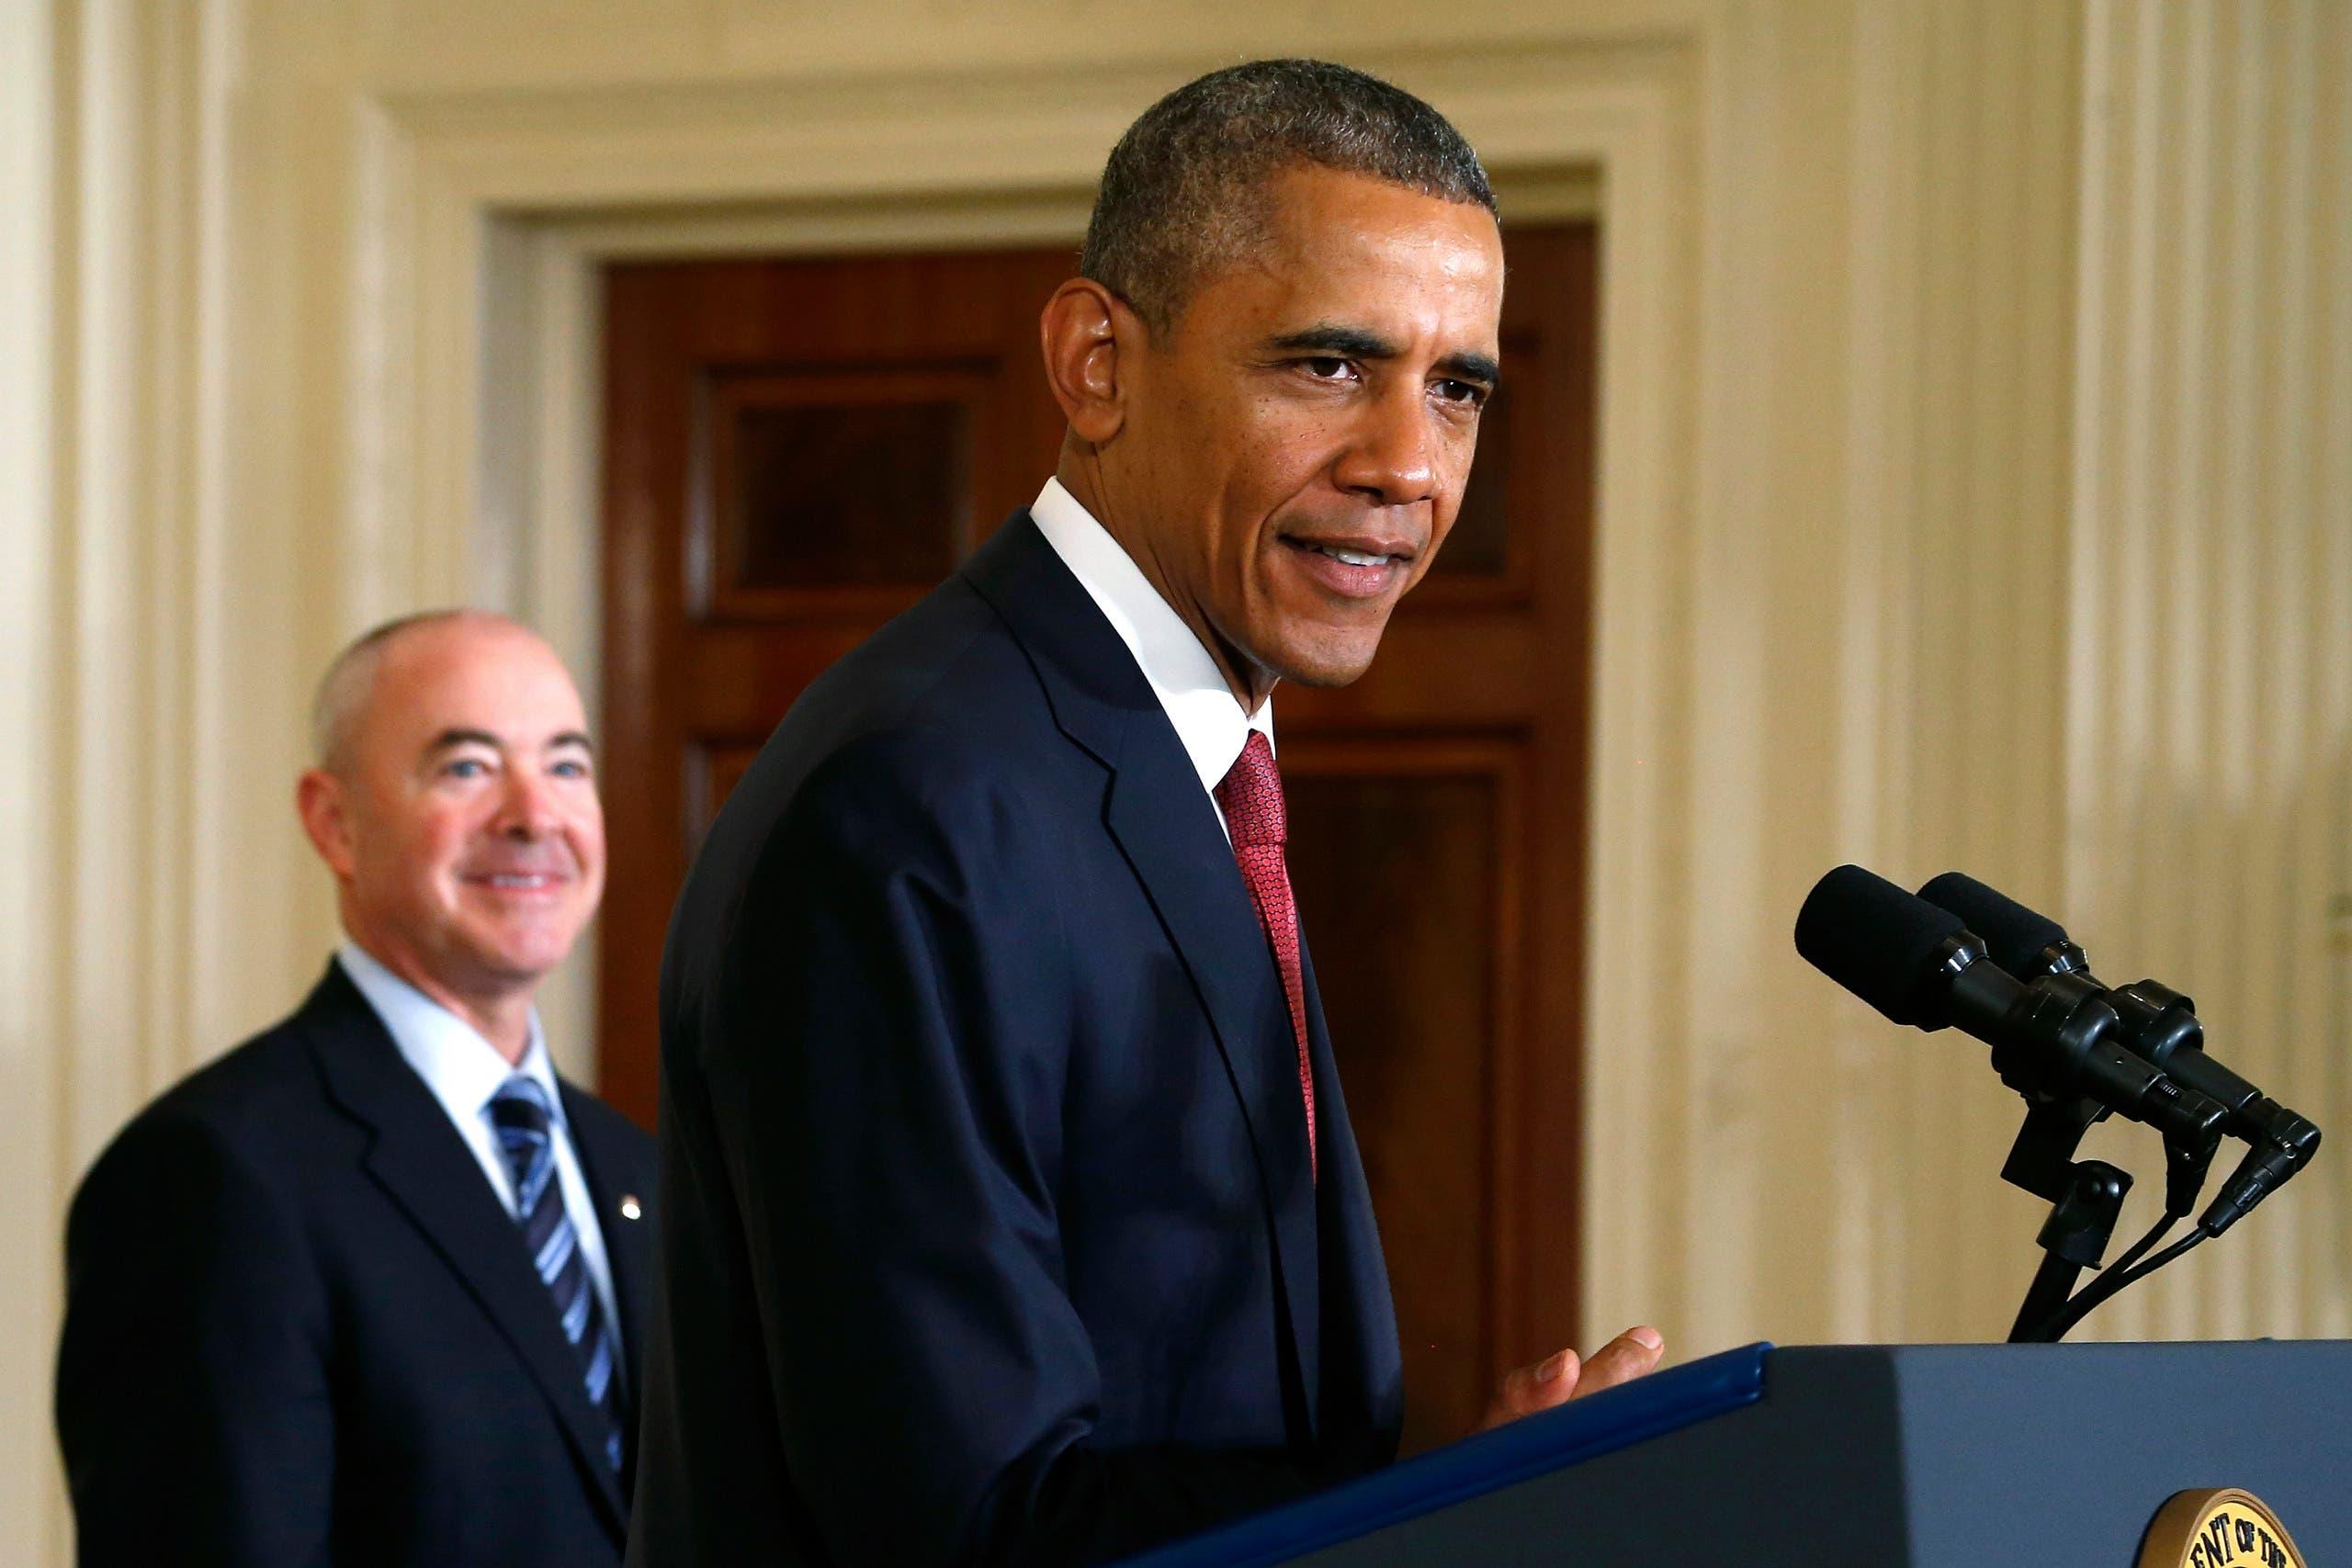 اليخاندرو مايوركاس مع أوباما